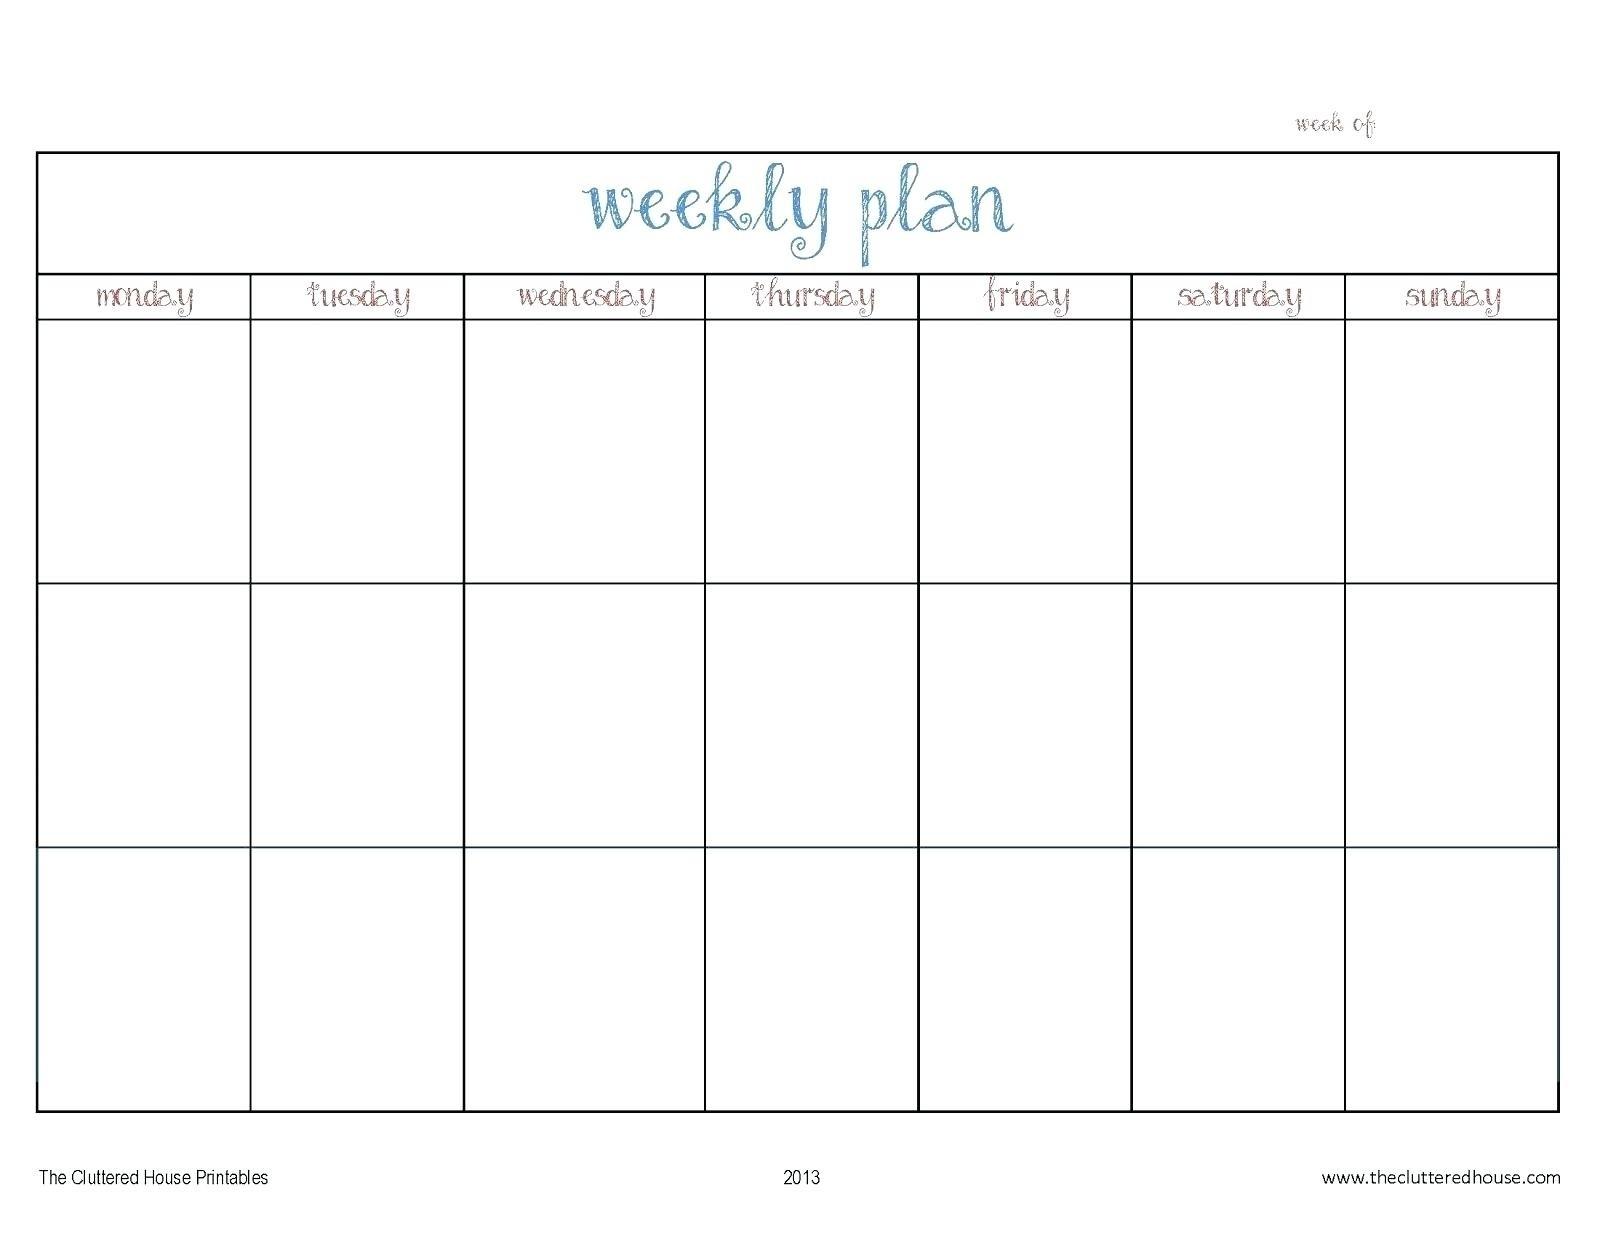 Calendar Template Monday Through Friday • Printable Blank-Blank Monday Through Friday Calendars